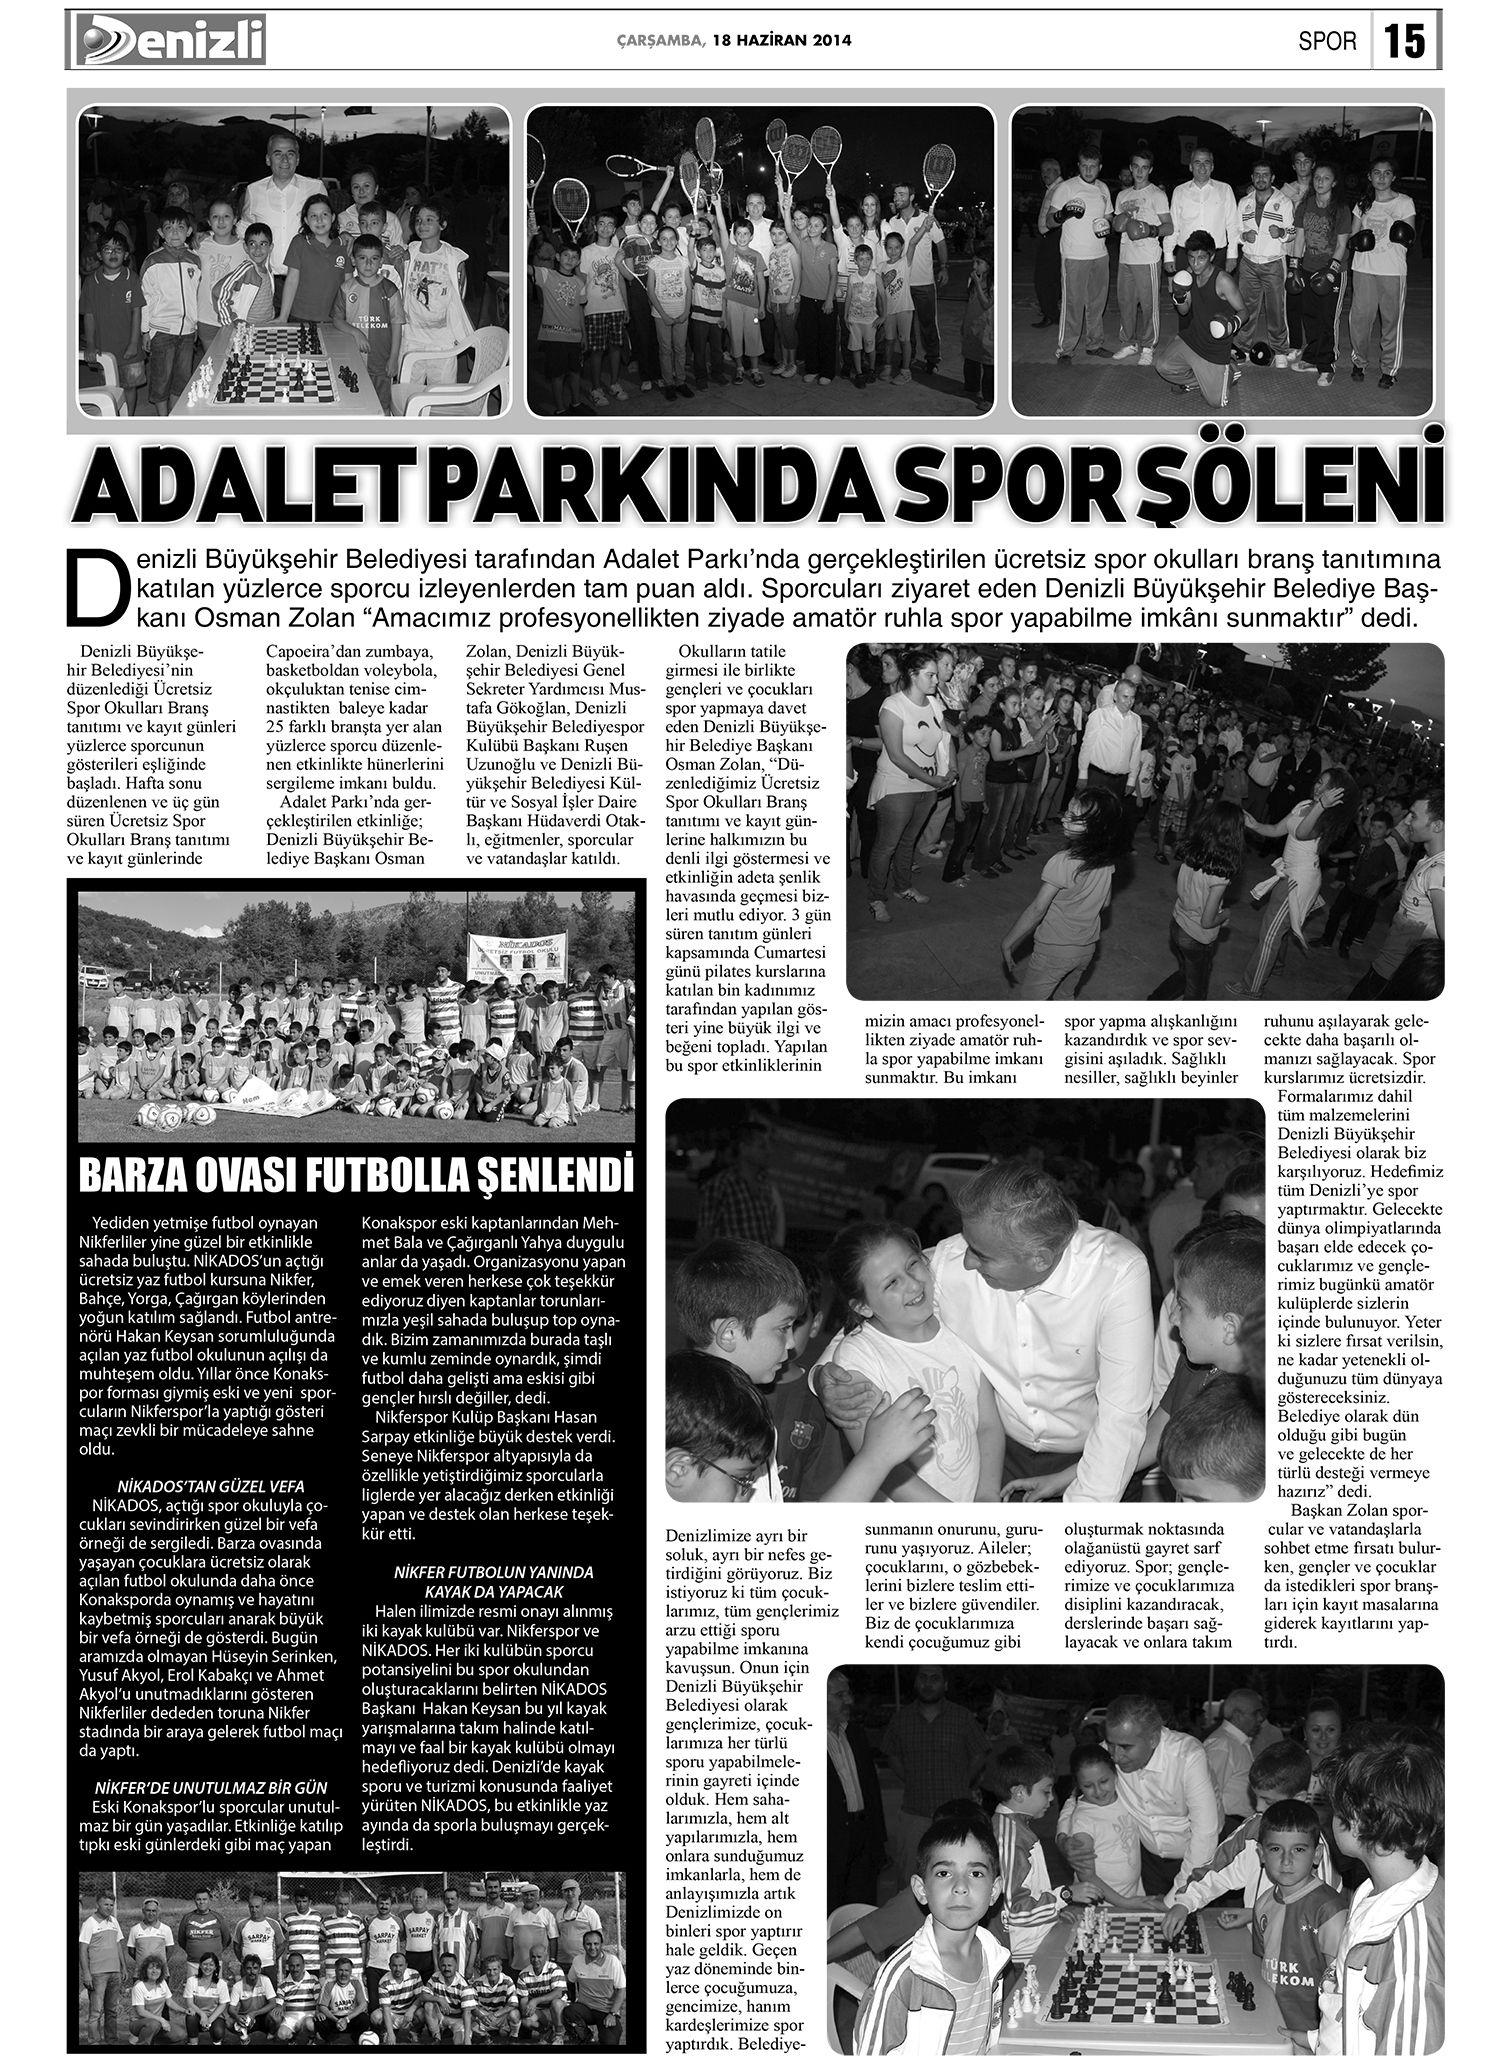 denizli-gazetesi-haberimiz-1